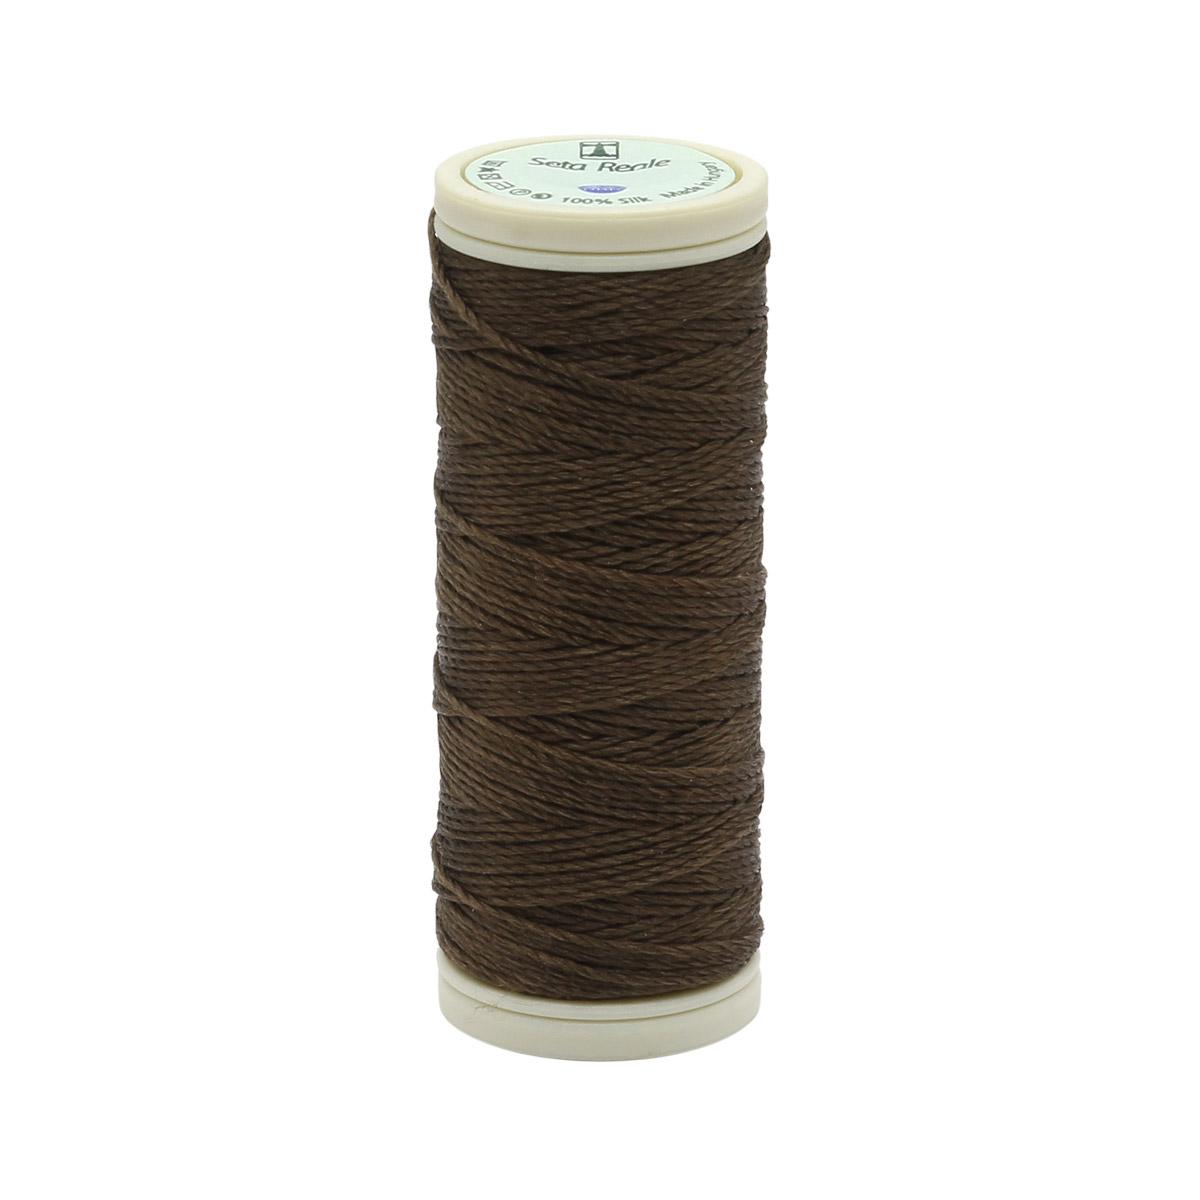 4551030-00426 Нитки швейные Seta Reale 20 м.